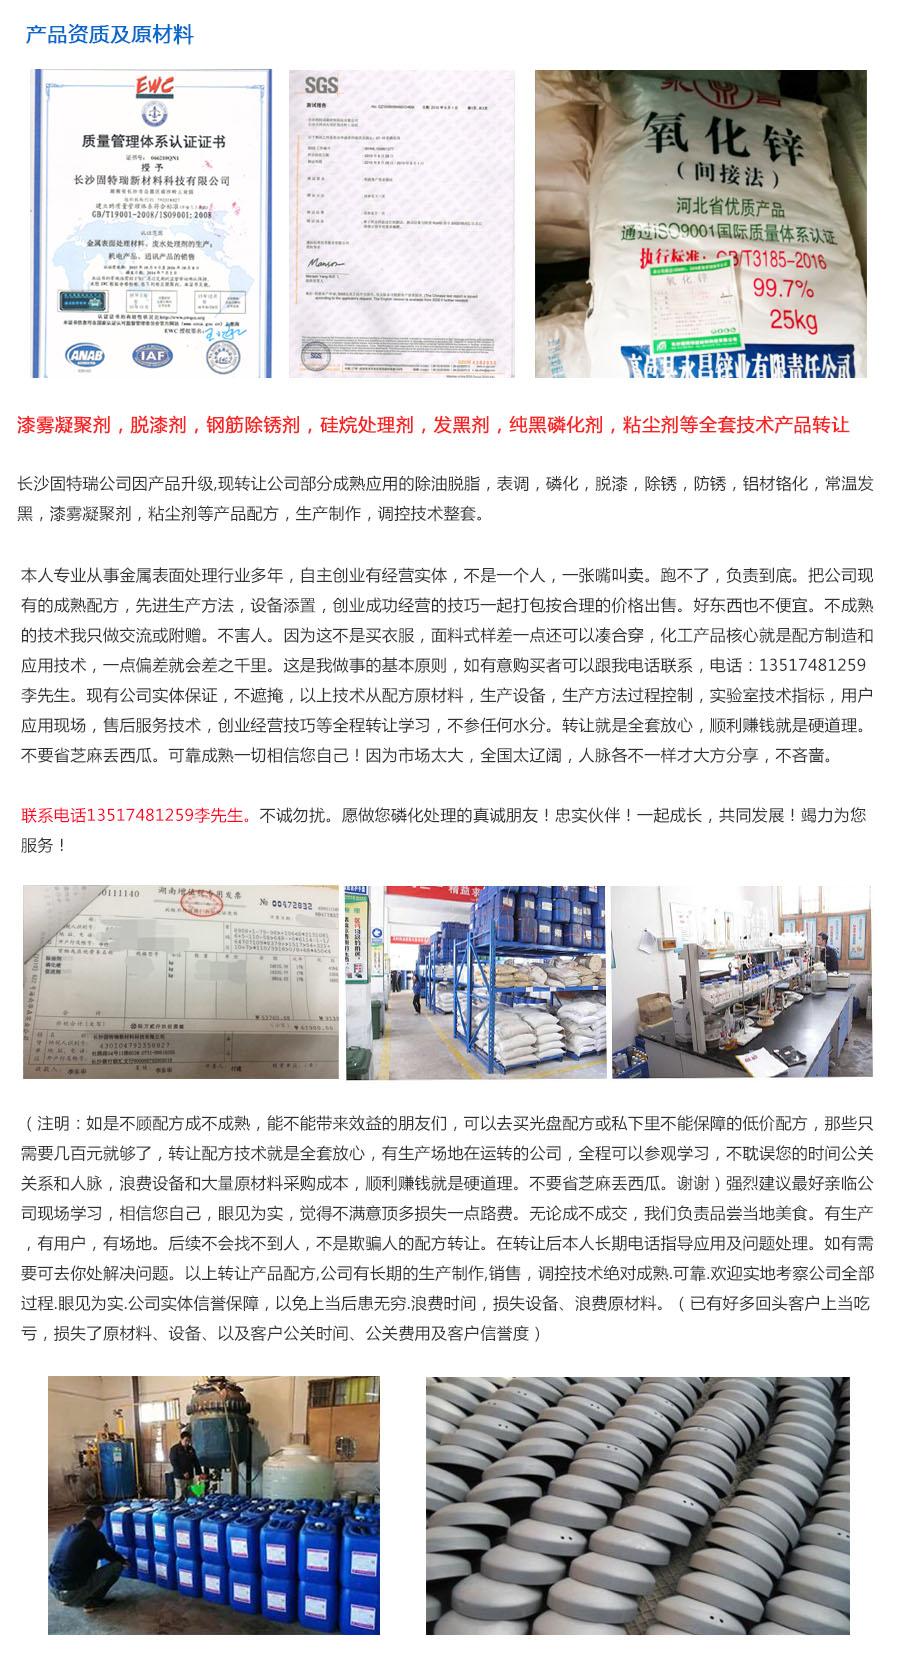 锌系磷化剂